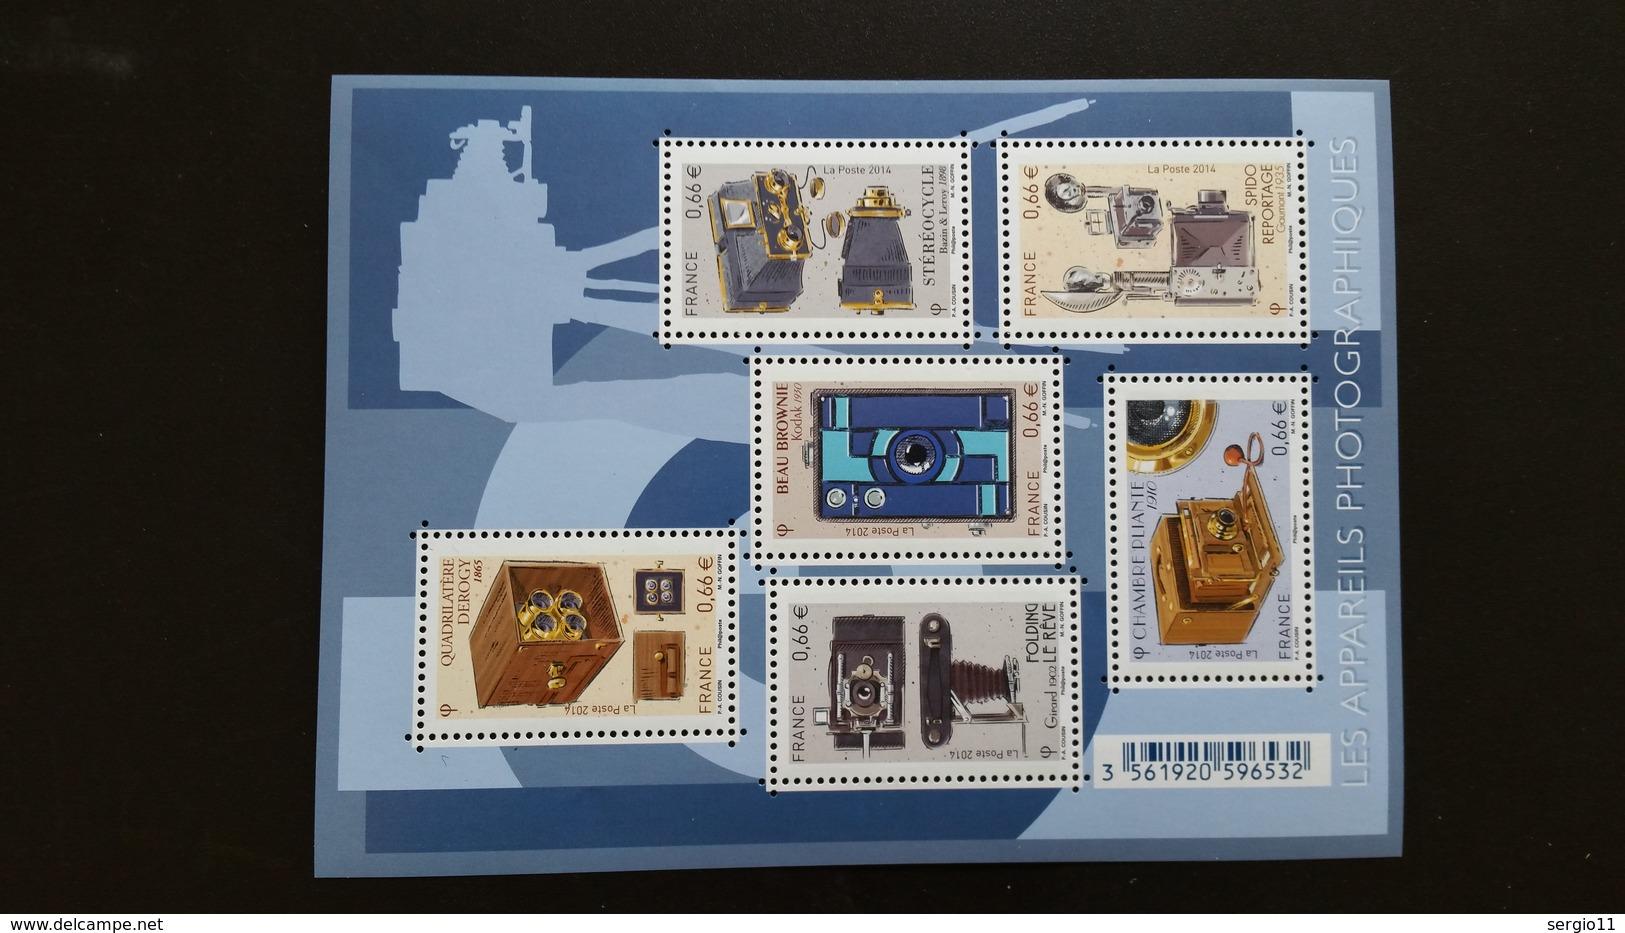 France Timbres Bloc-feuillet  NEUF N° F4916 - Les Appareils Photographiques - Année 2014 - Sheetlets